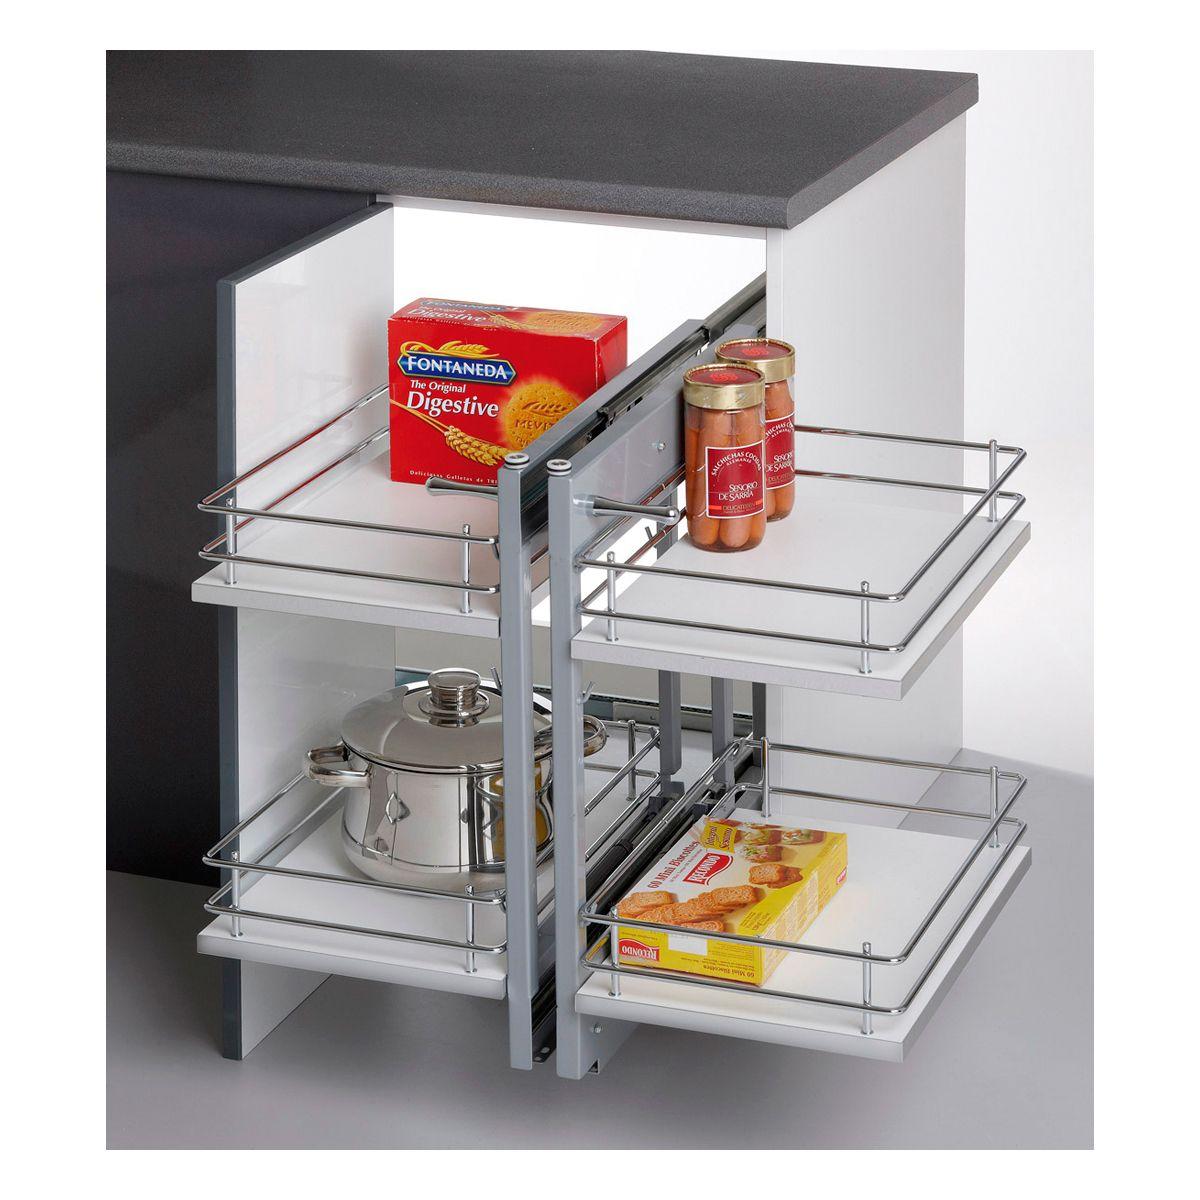 Linea Compact Minim Kit Bastidor Extraible Interiores De Armarios Cocinas Y Banos Muebles